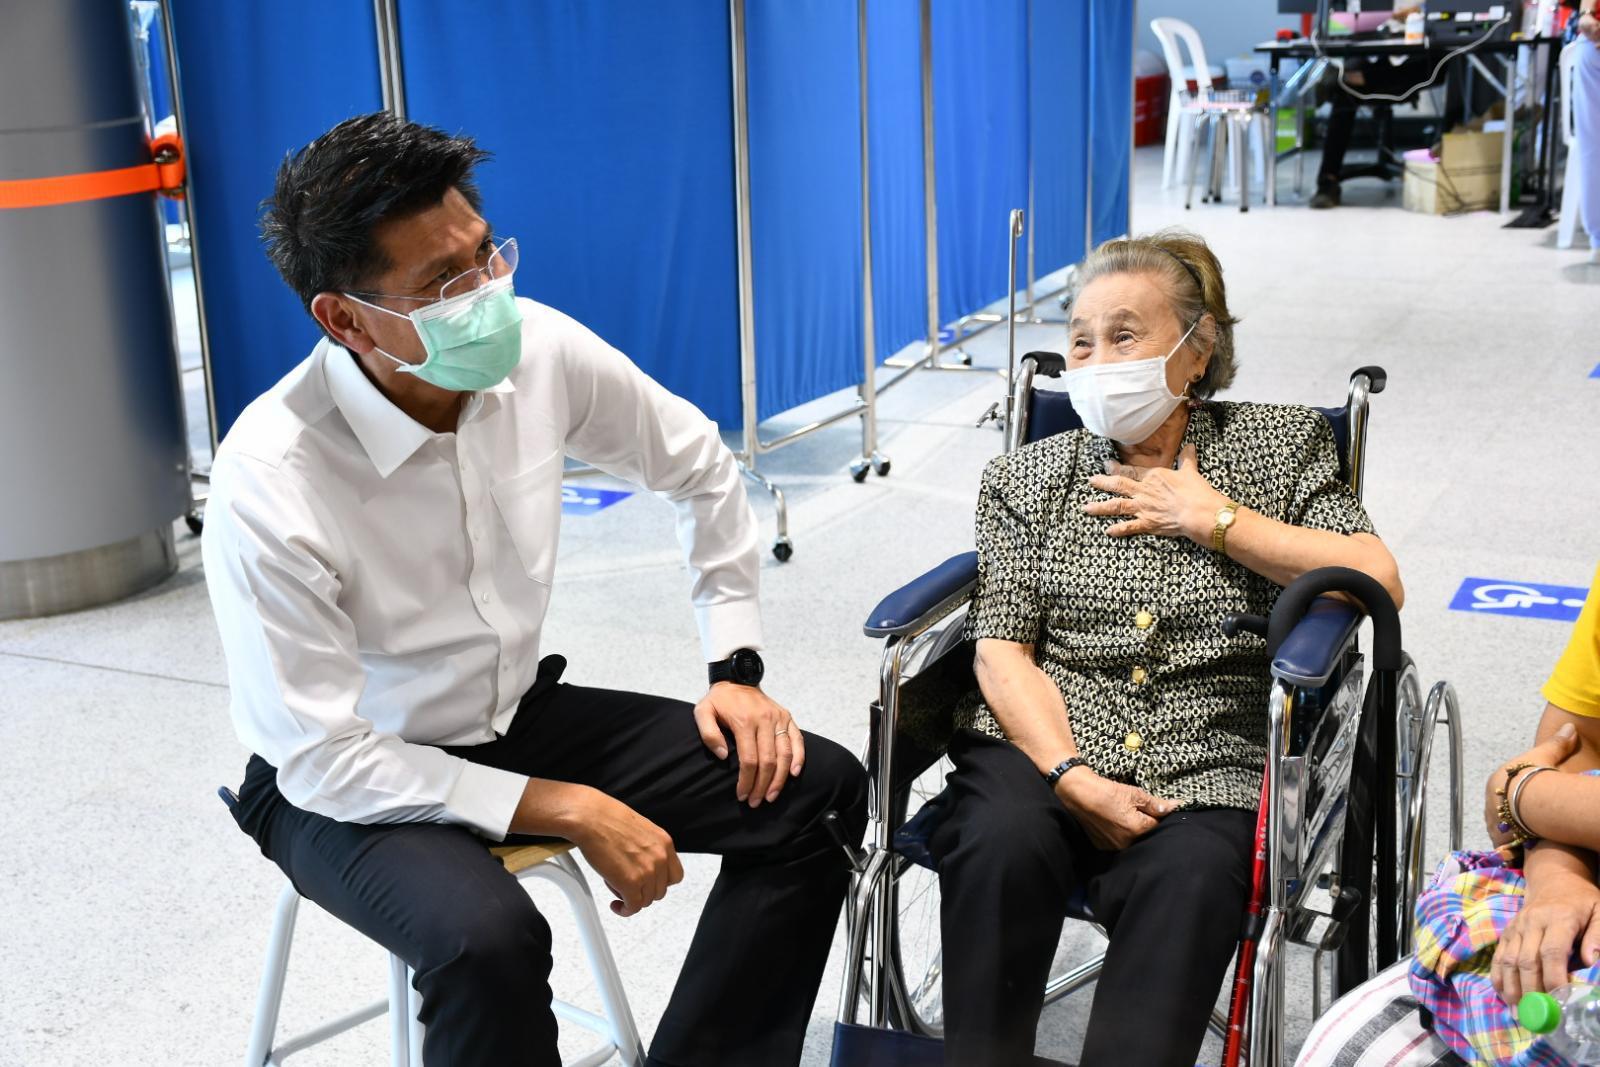 กรมการแพทย์ โชว์ความพร้อมศูนย์แรกรับฯ นิมิบุตร และศูนย์วัคซีนบางซื่อ ย้ำเข้มมาตรการคุมโรค ดันแผนเปิดประเทศใน 120 วัน